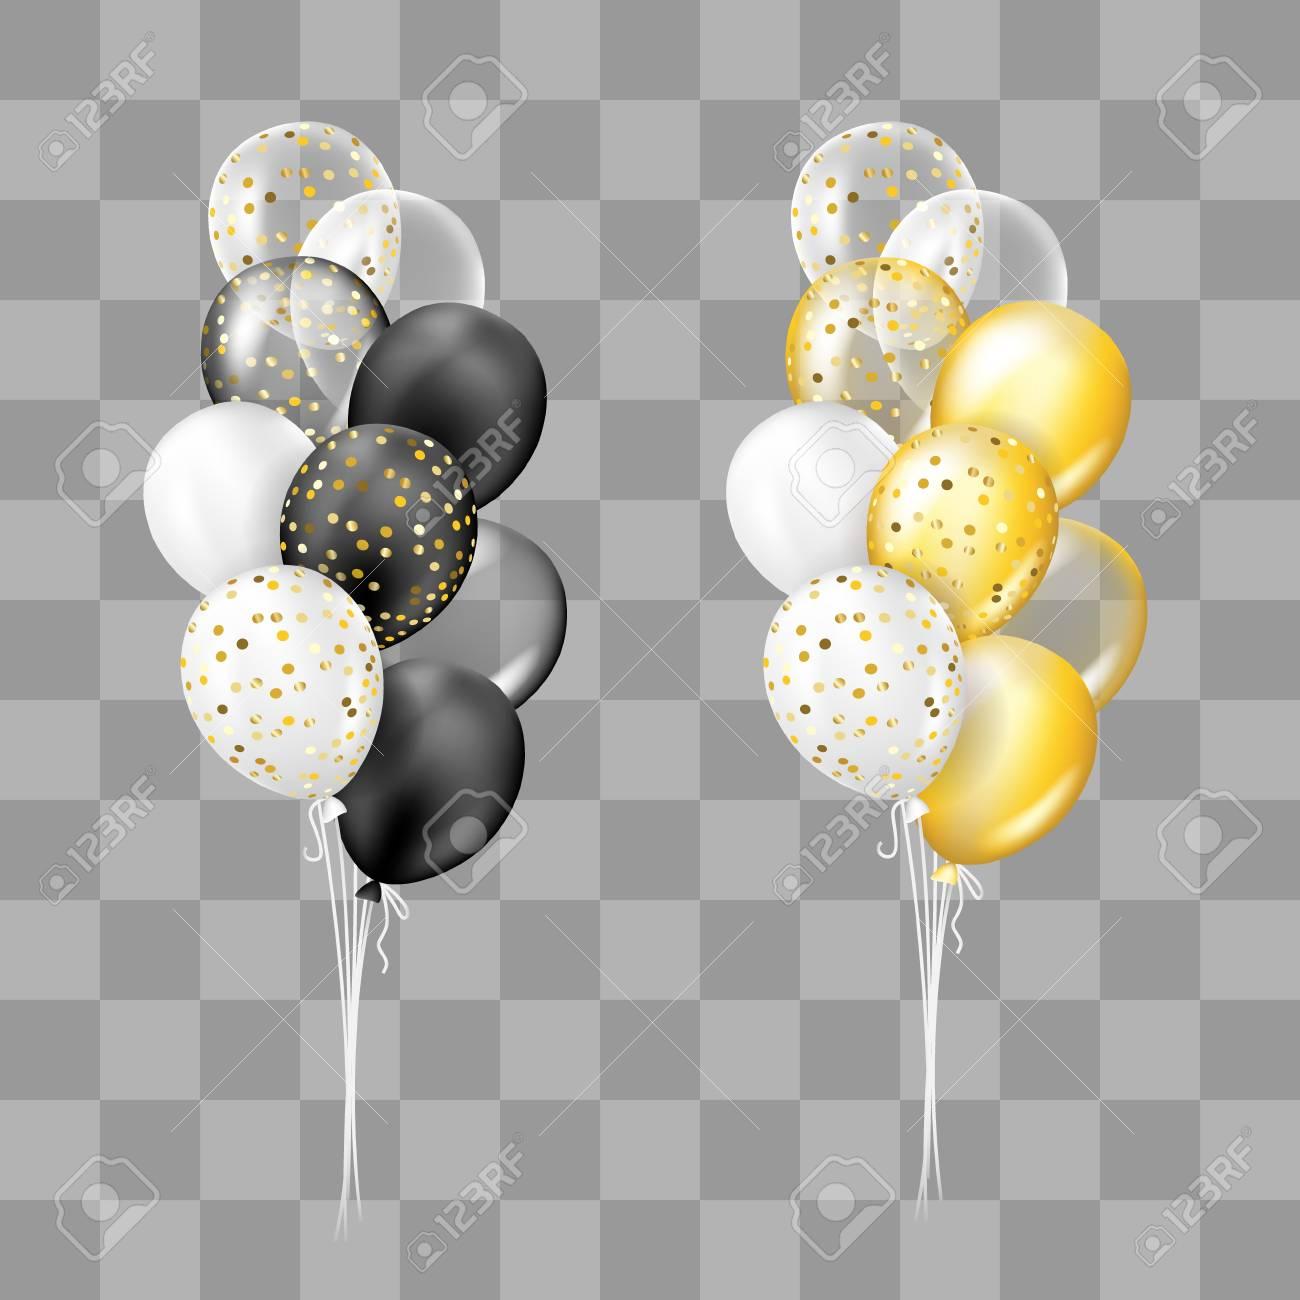 Blanco Y Negro Dorado Y Blanco Transparente Y Con Colección De Globos De Confeti Decoraciones En Estilo Realista Para Cumpleaños Aniversario O